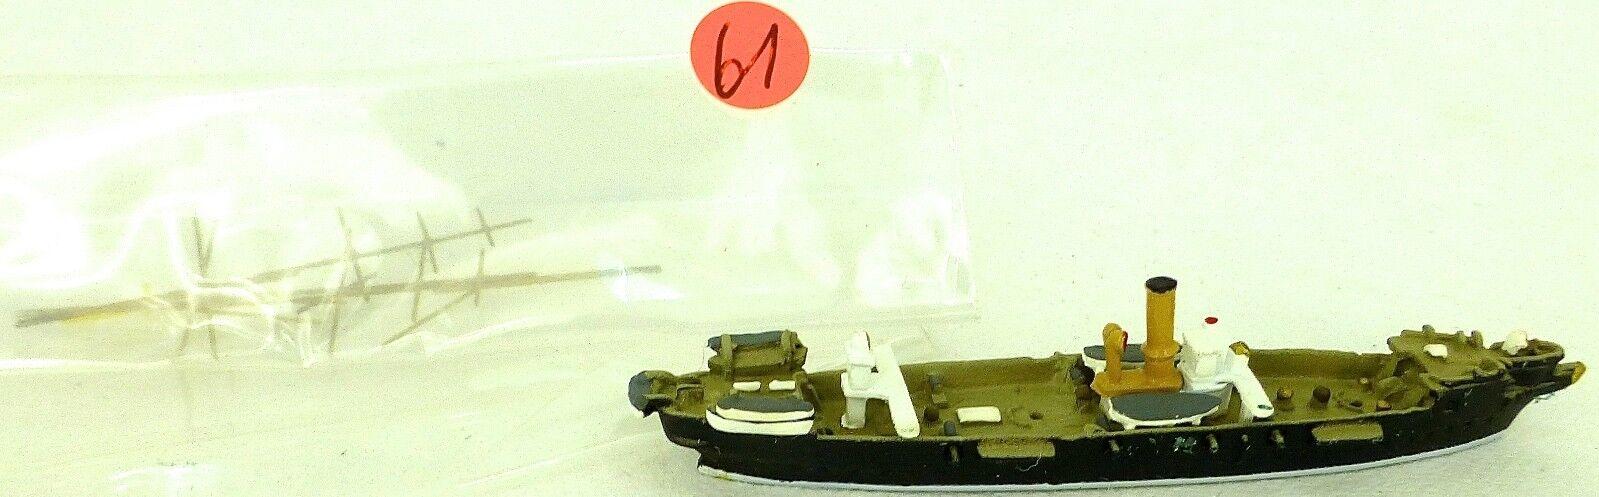 Garantía 100% de ajuste Marie M130 Maqueta de Barco 1 1250  61 61 61 Å  tienda hace compras y ventas